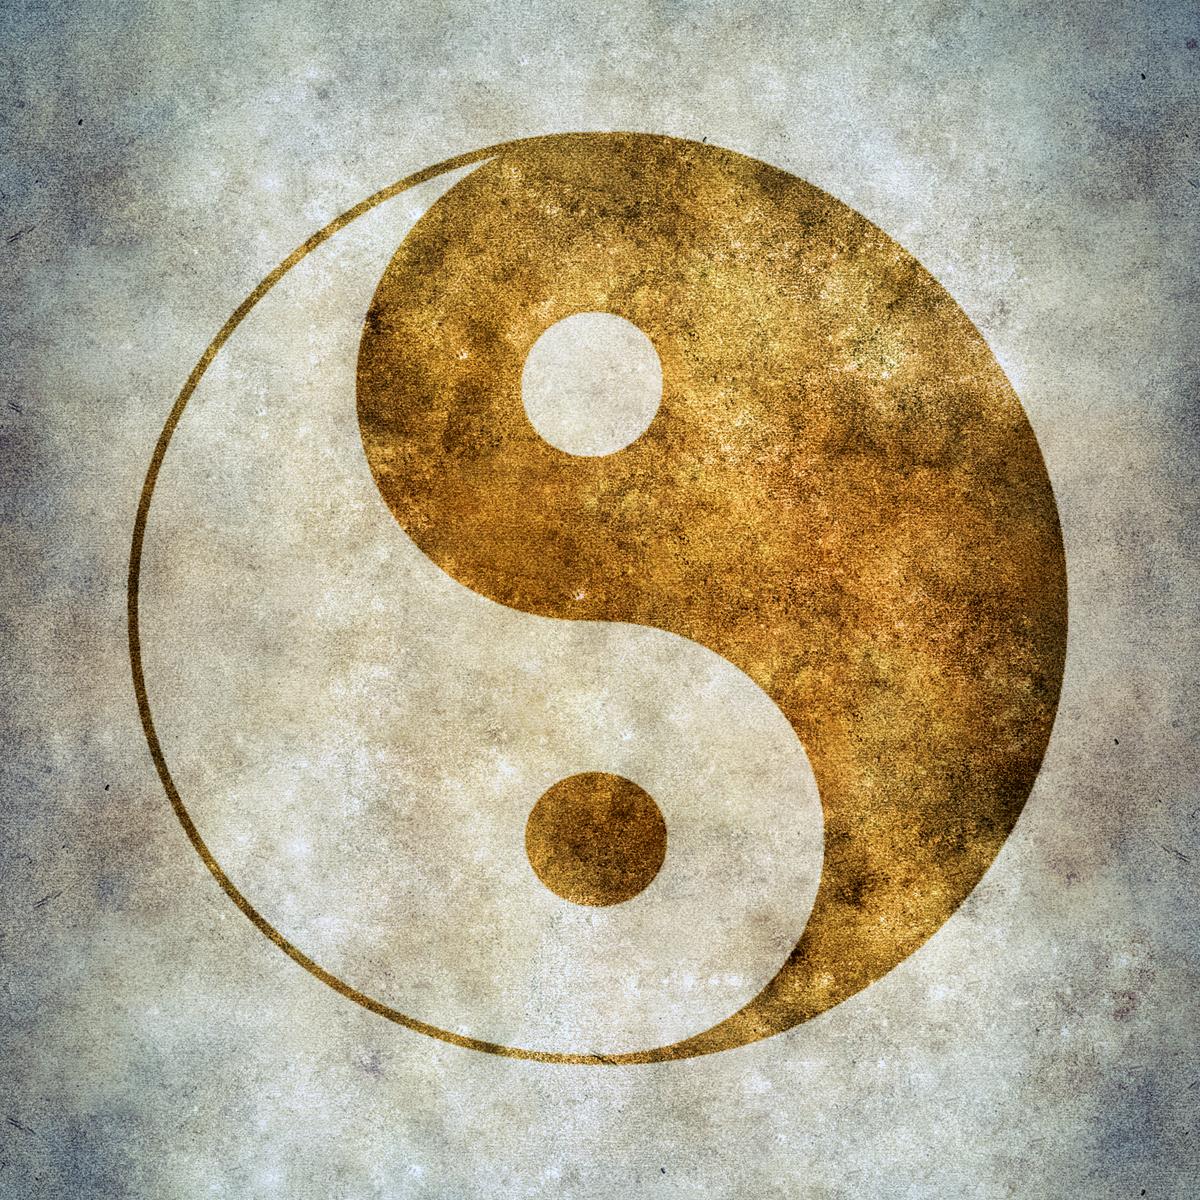 yin yang, Abstract, Old, Yang, Wave, HQ Photo